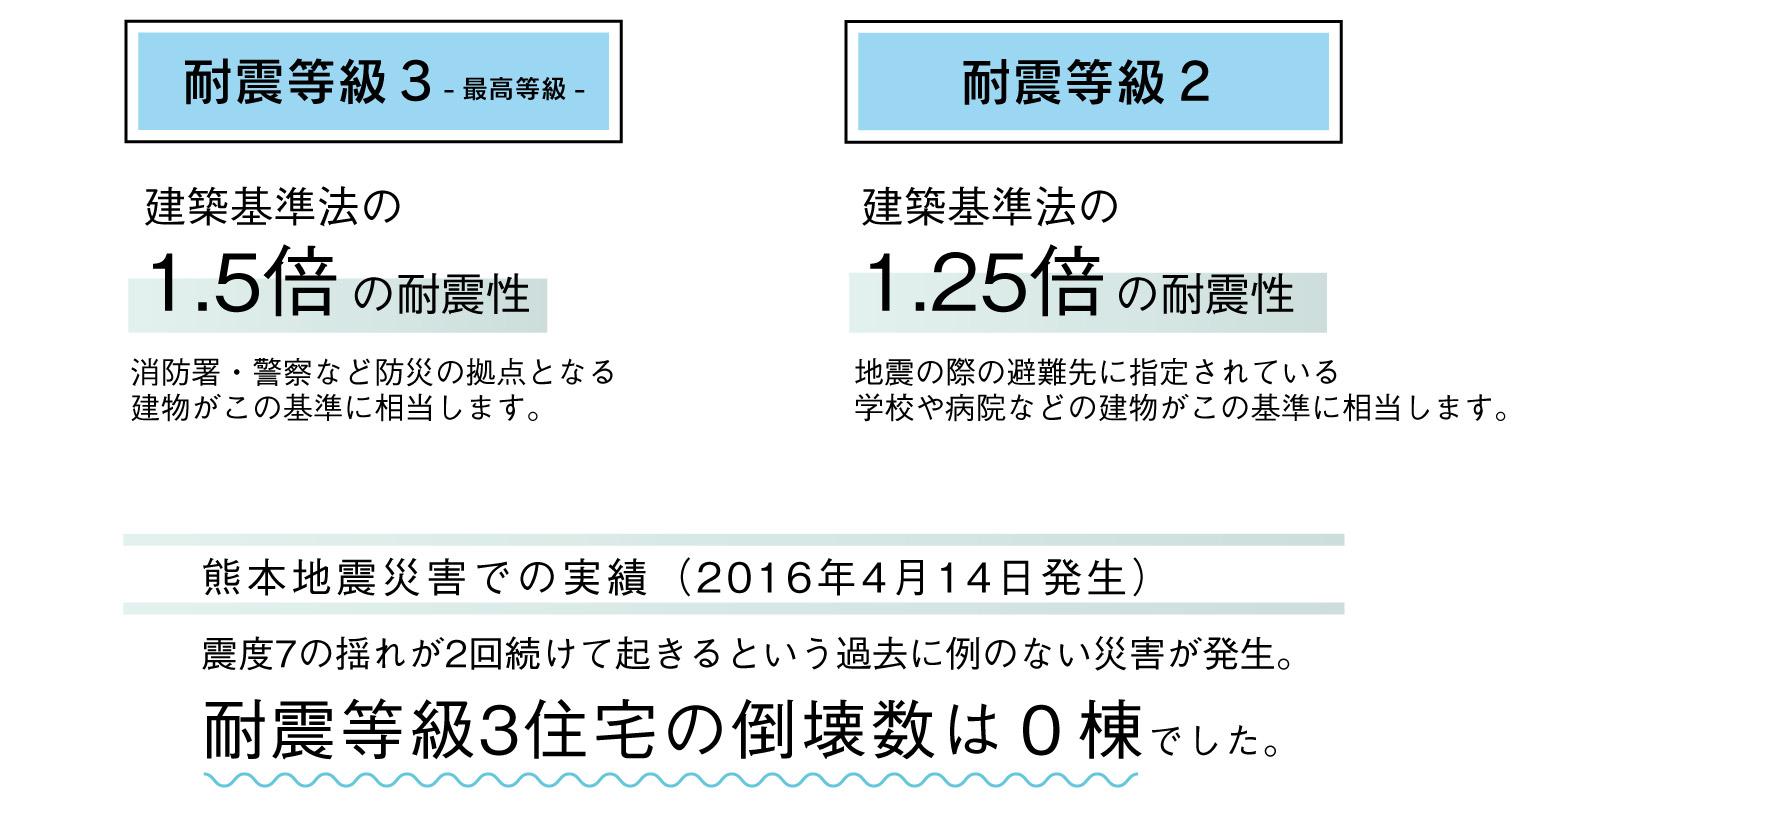 見学会案内_性能用語解説-耐震説明.jpg